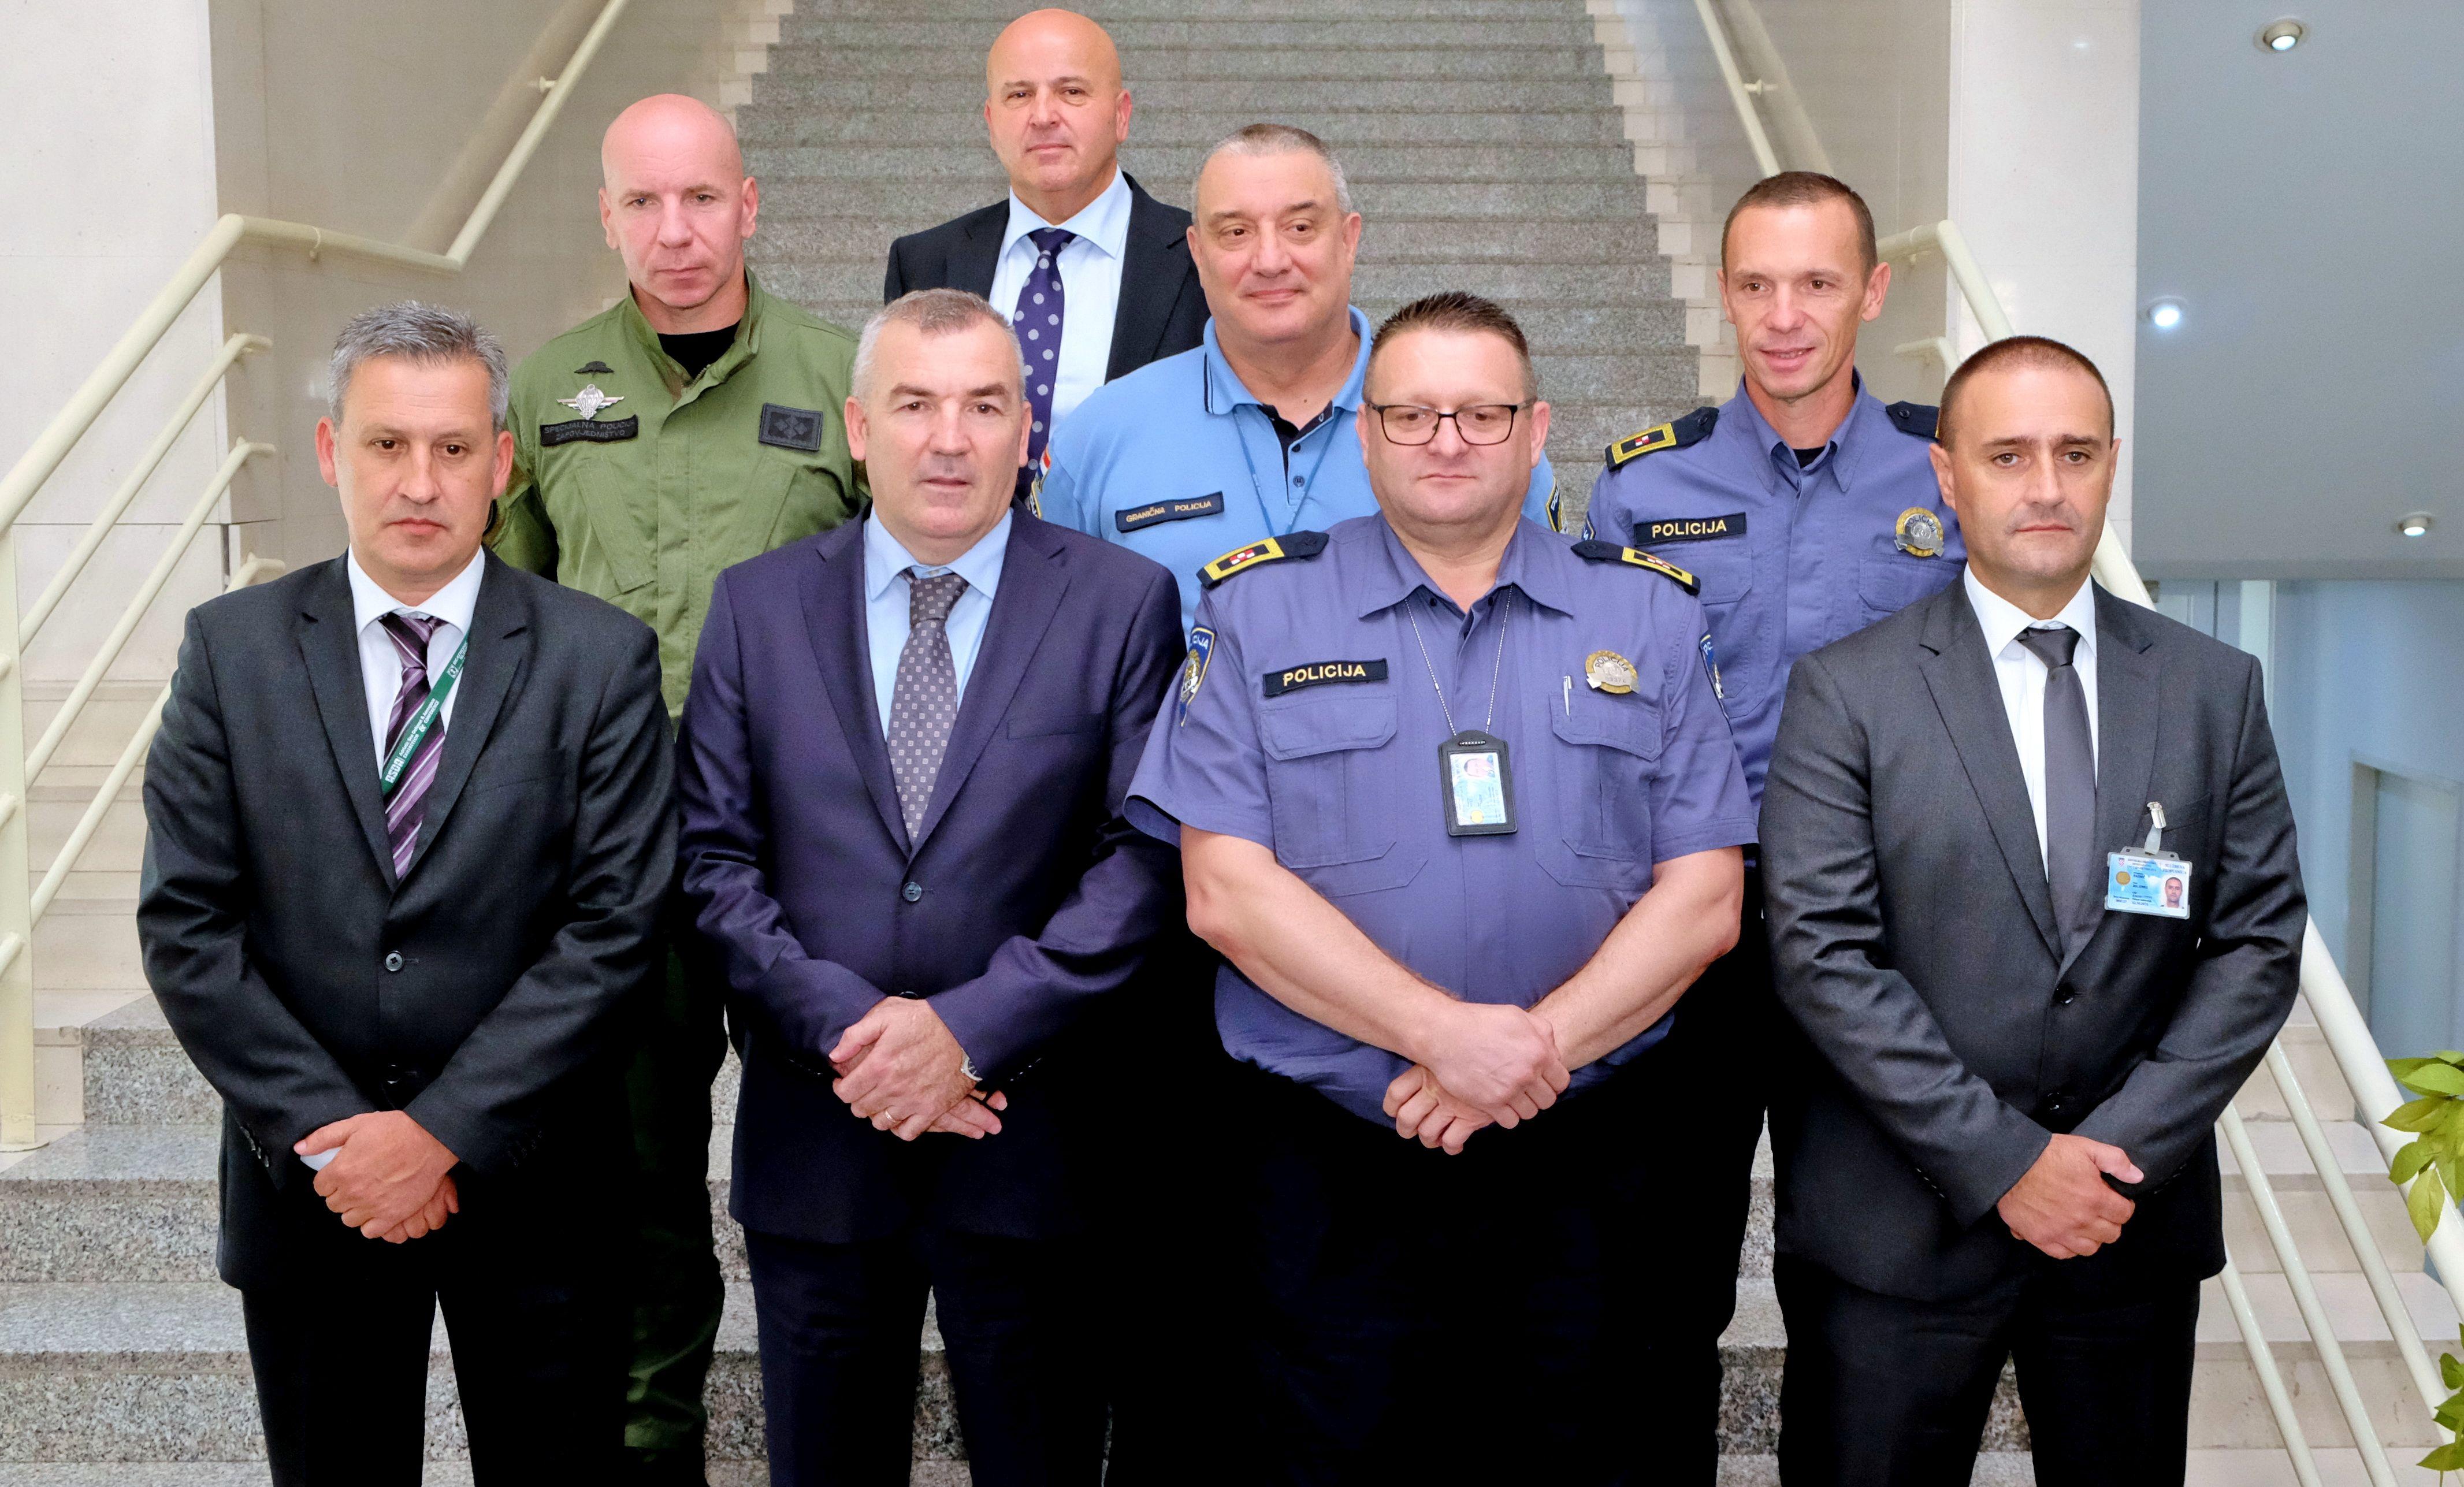 POLICIJA 'Milina predstavio najbliže suradnike'